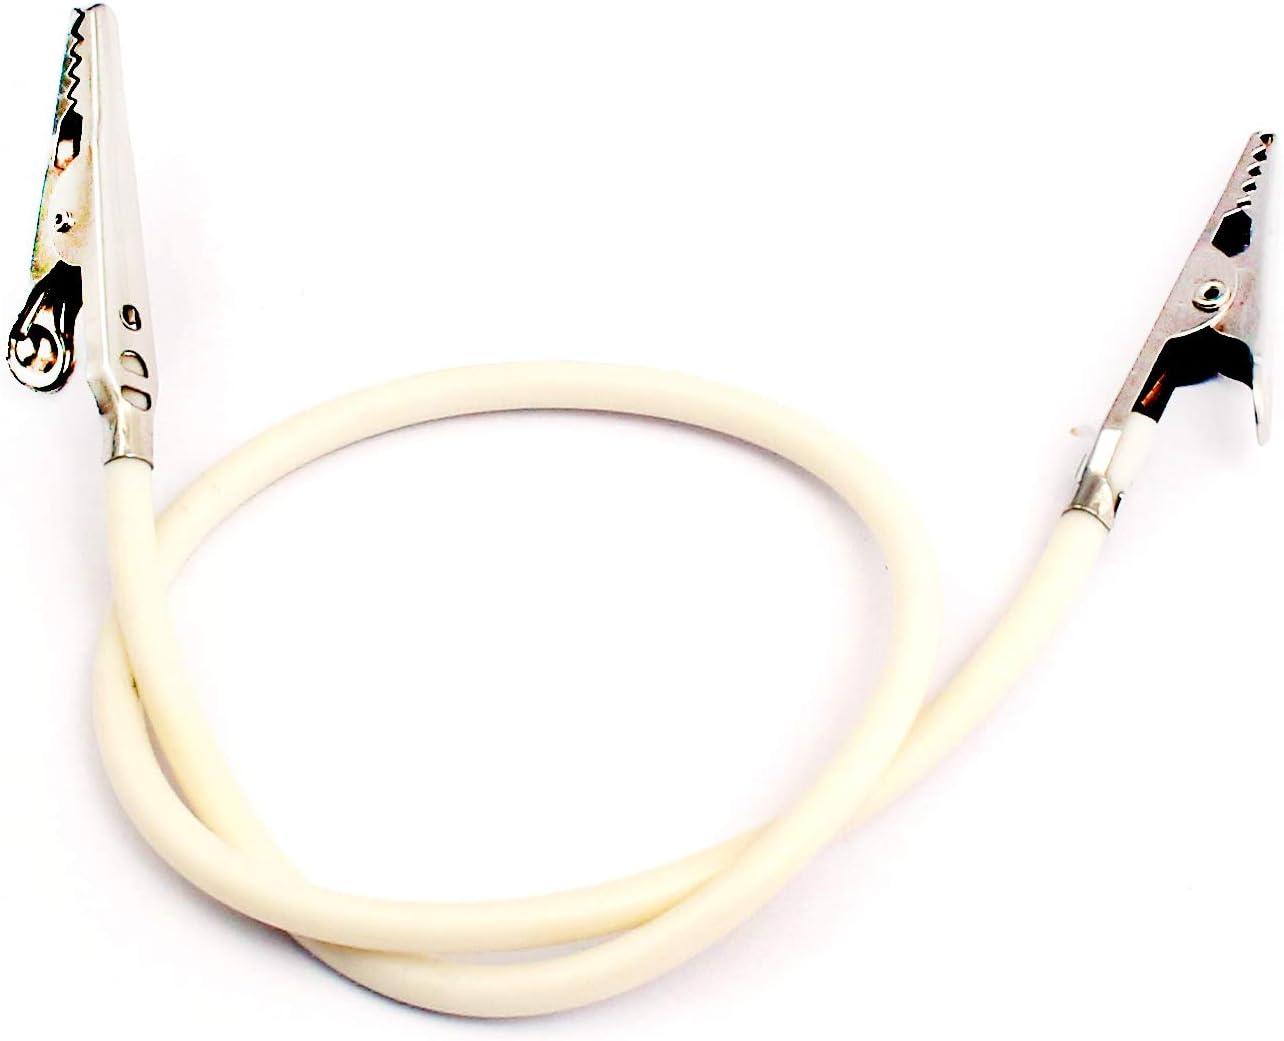 G.S Dental Bib Silicone Holder Clip overseas Color Max 62% OFF Napkin White